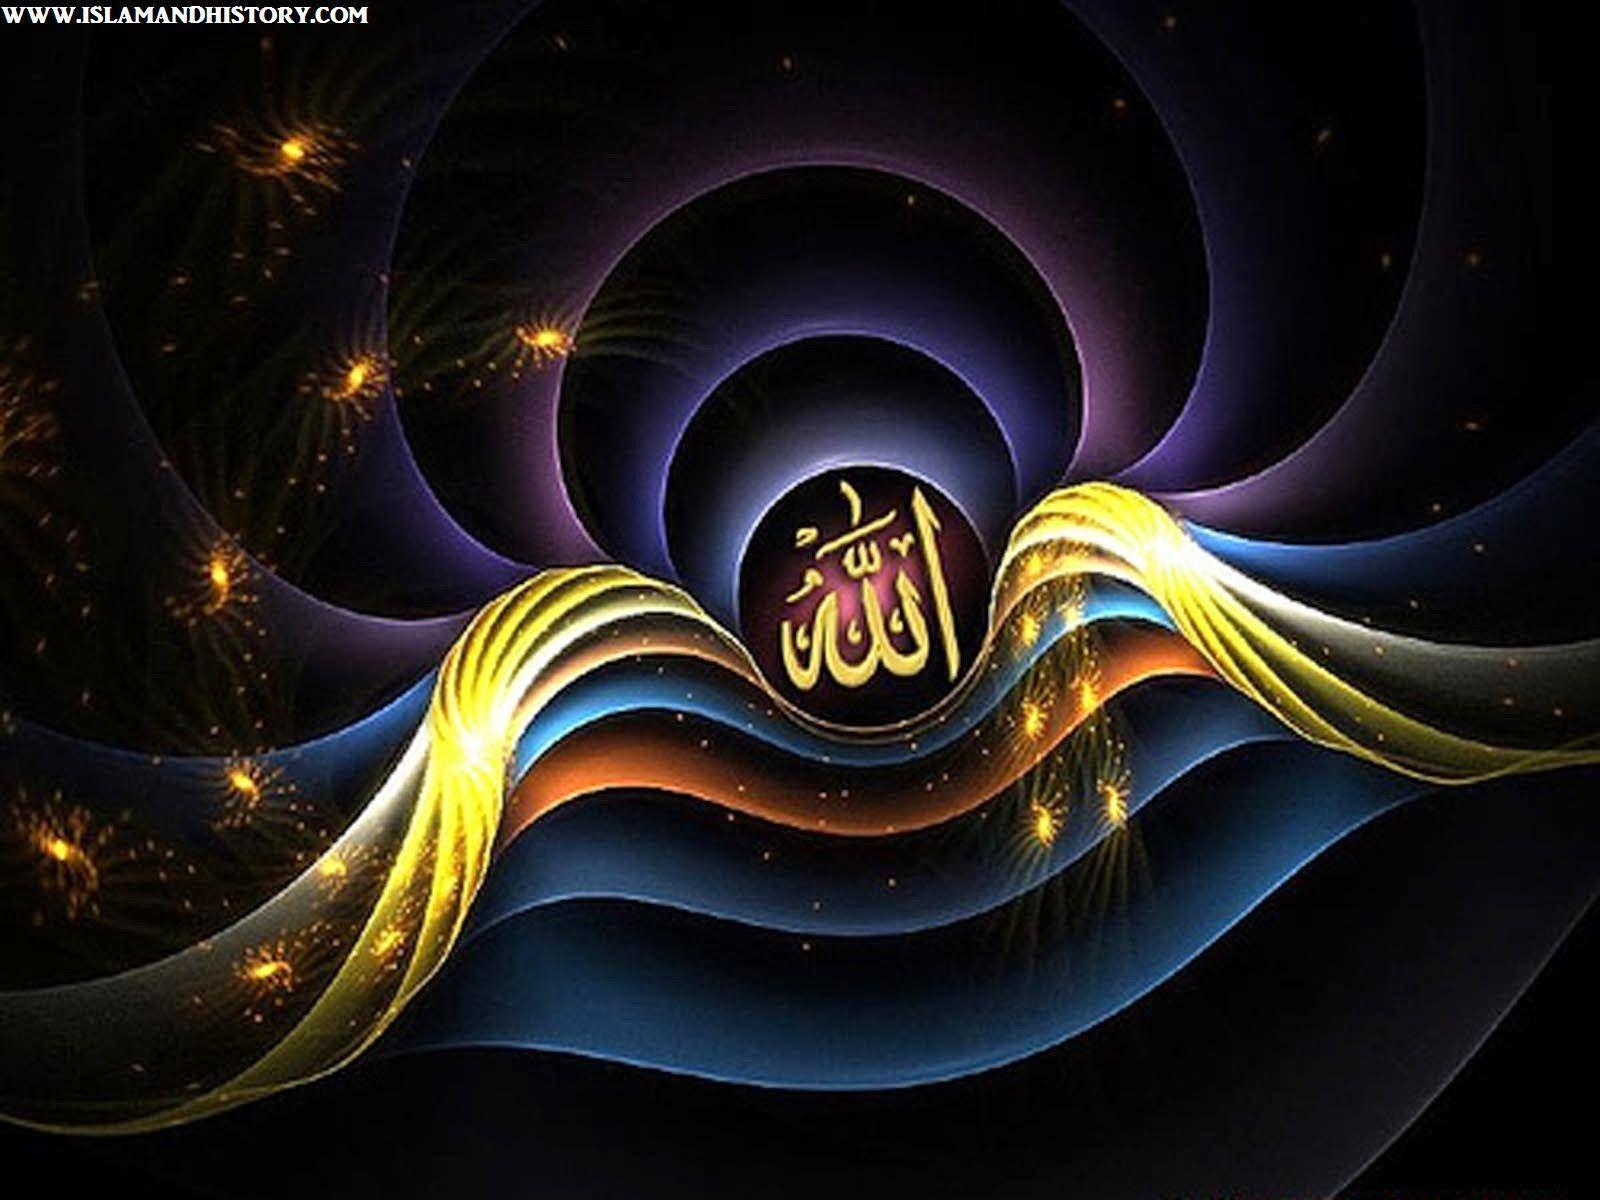 Allah Name Wallpapers Wallpaper Cave Gambar Kaligrafi Islam Gambar Keren